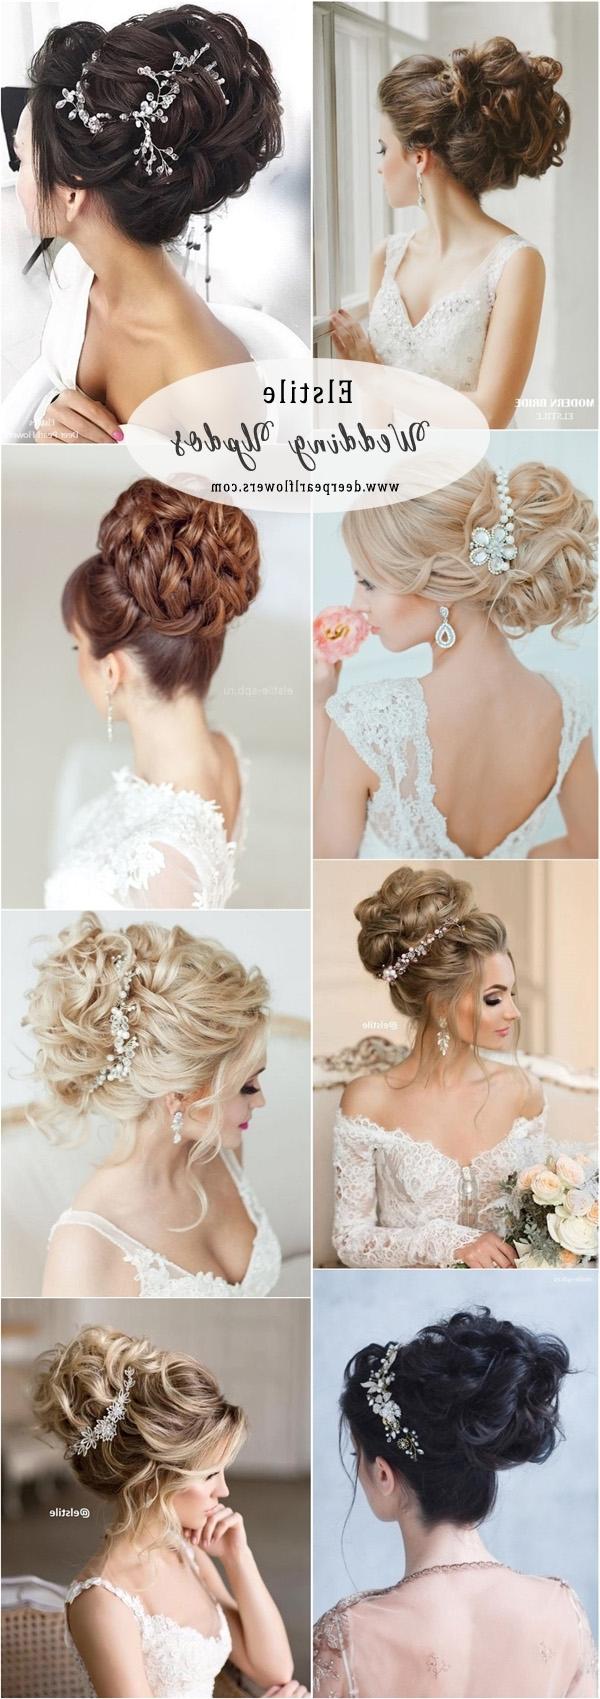 Deer Pearl Flowers In Preferred Elstile Wedding Hairstyles For Long Hair (View 7 of 15)